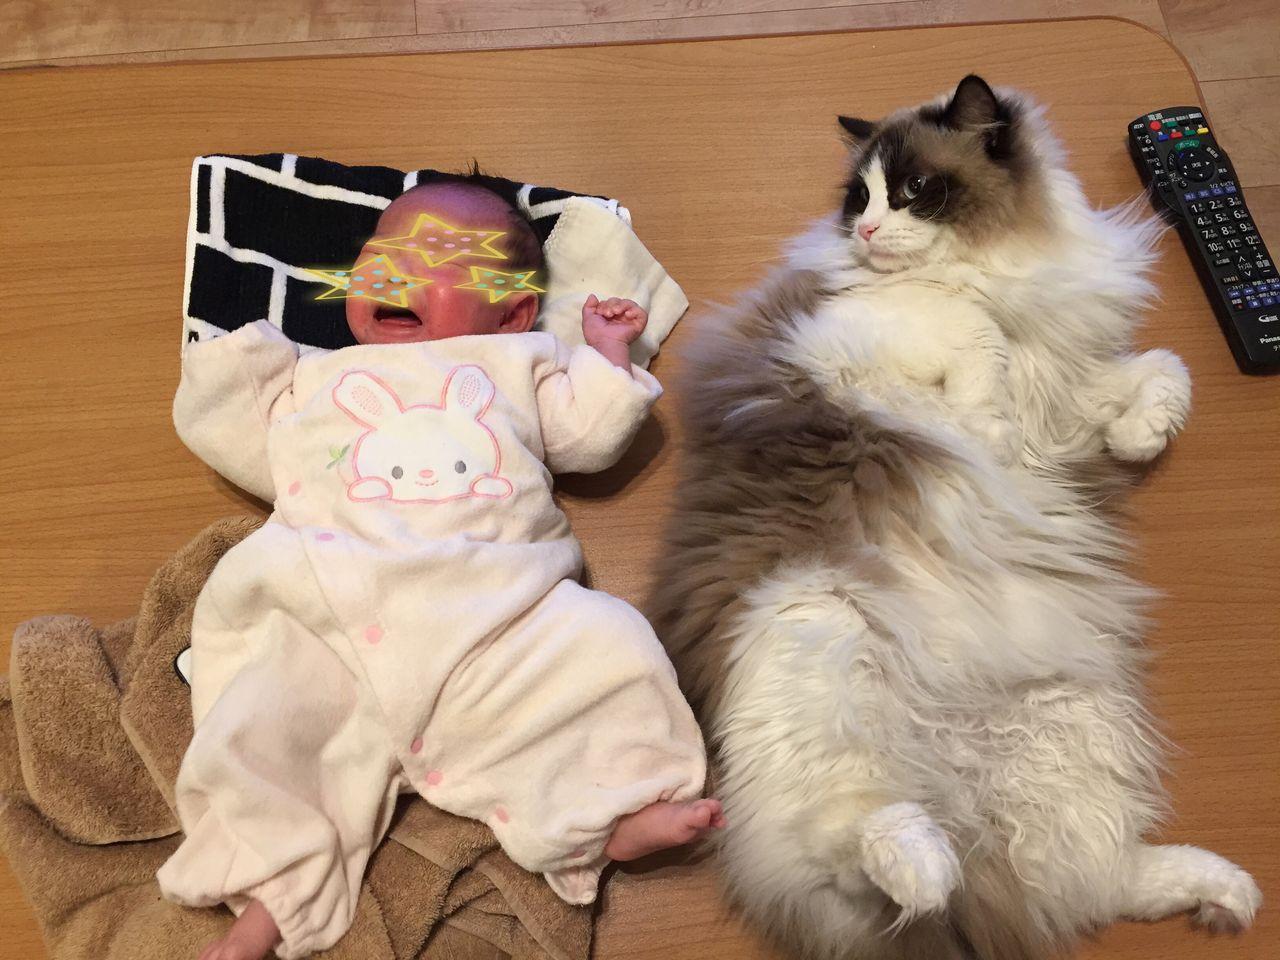 しじみも大きくなりましたが、レオの大きさの前では子猫のように思えてしまいますな(笑)